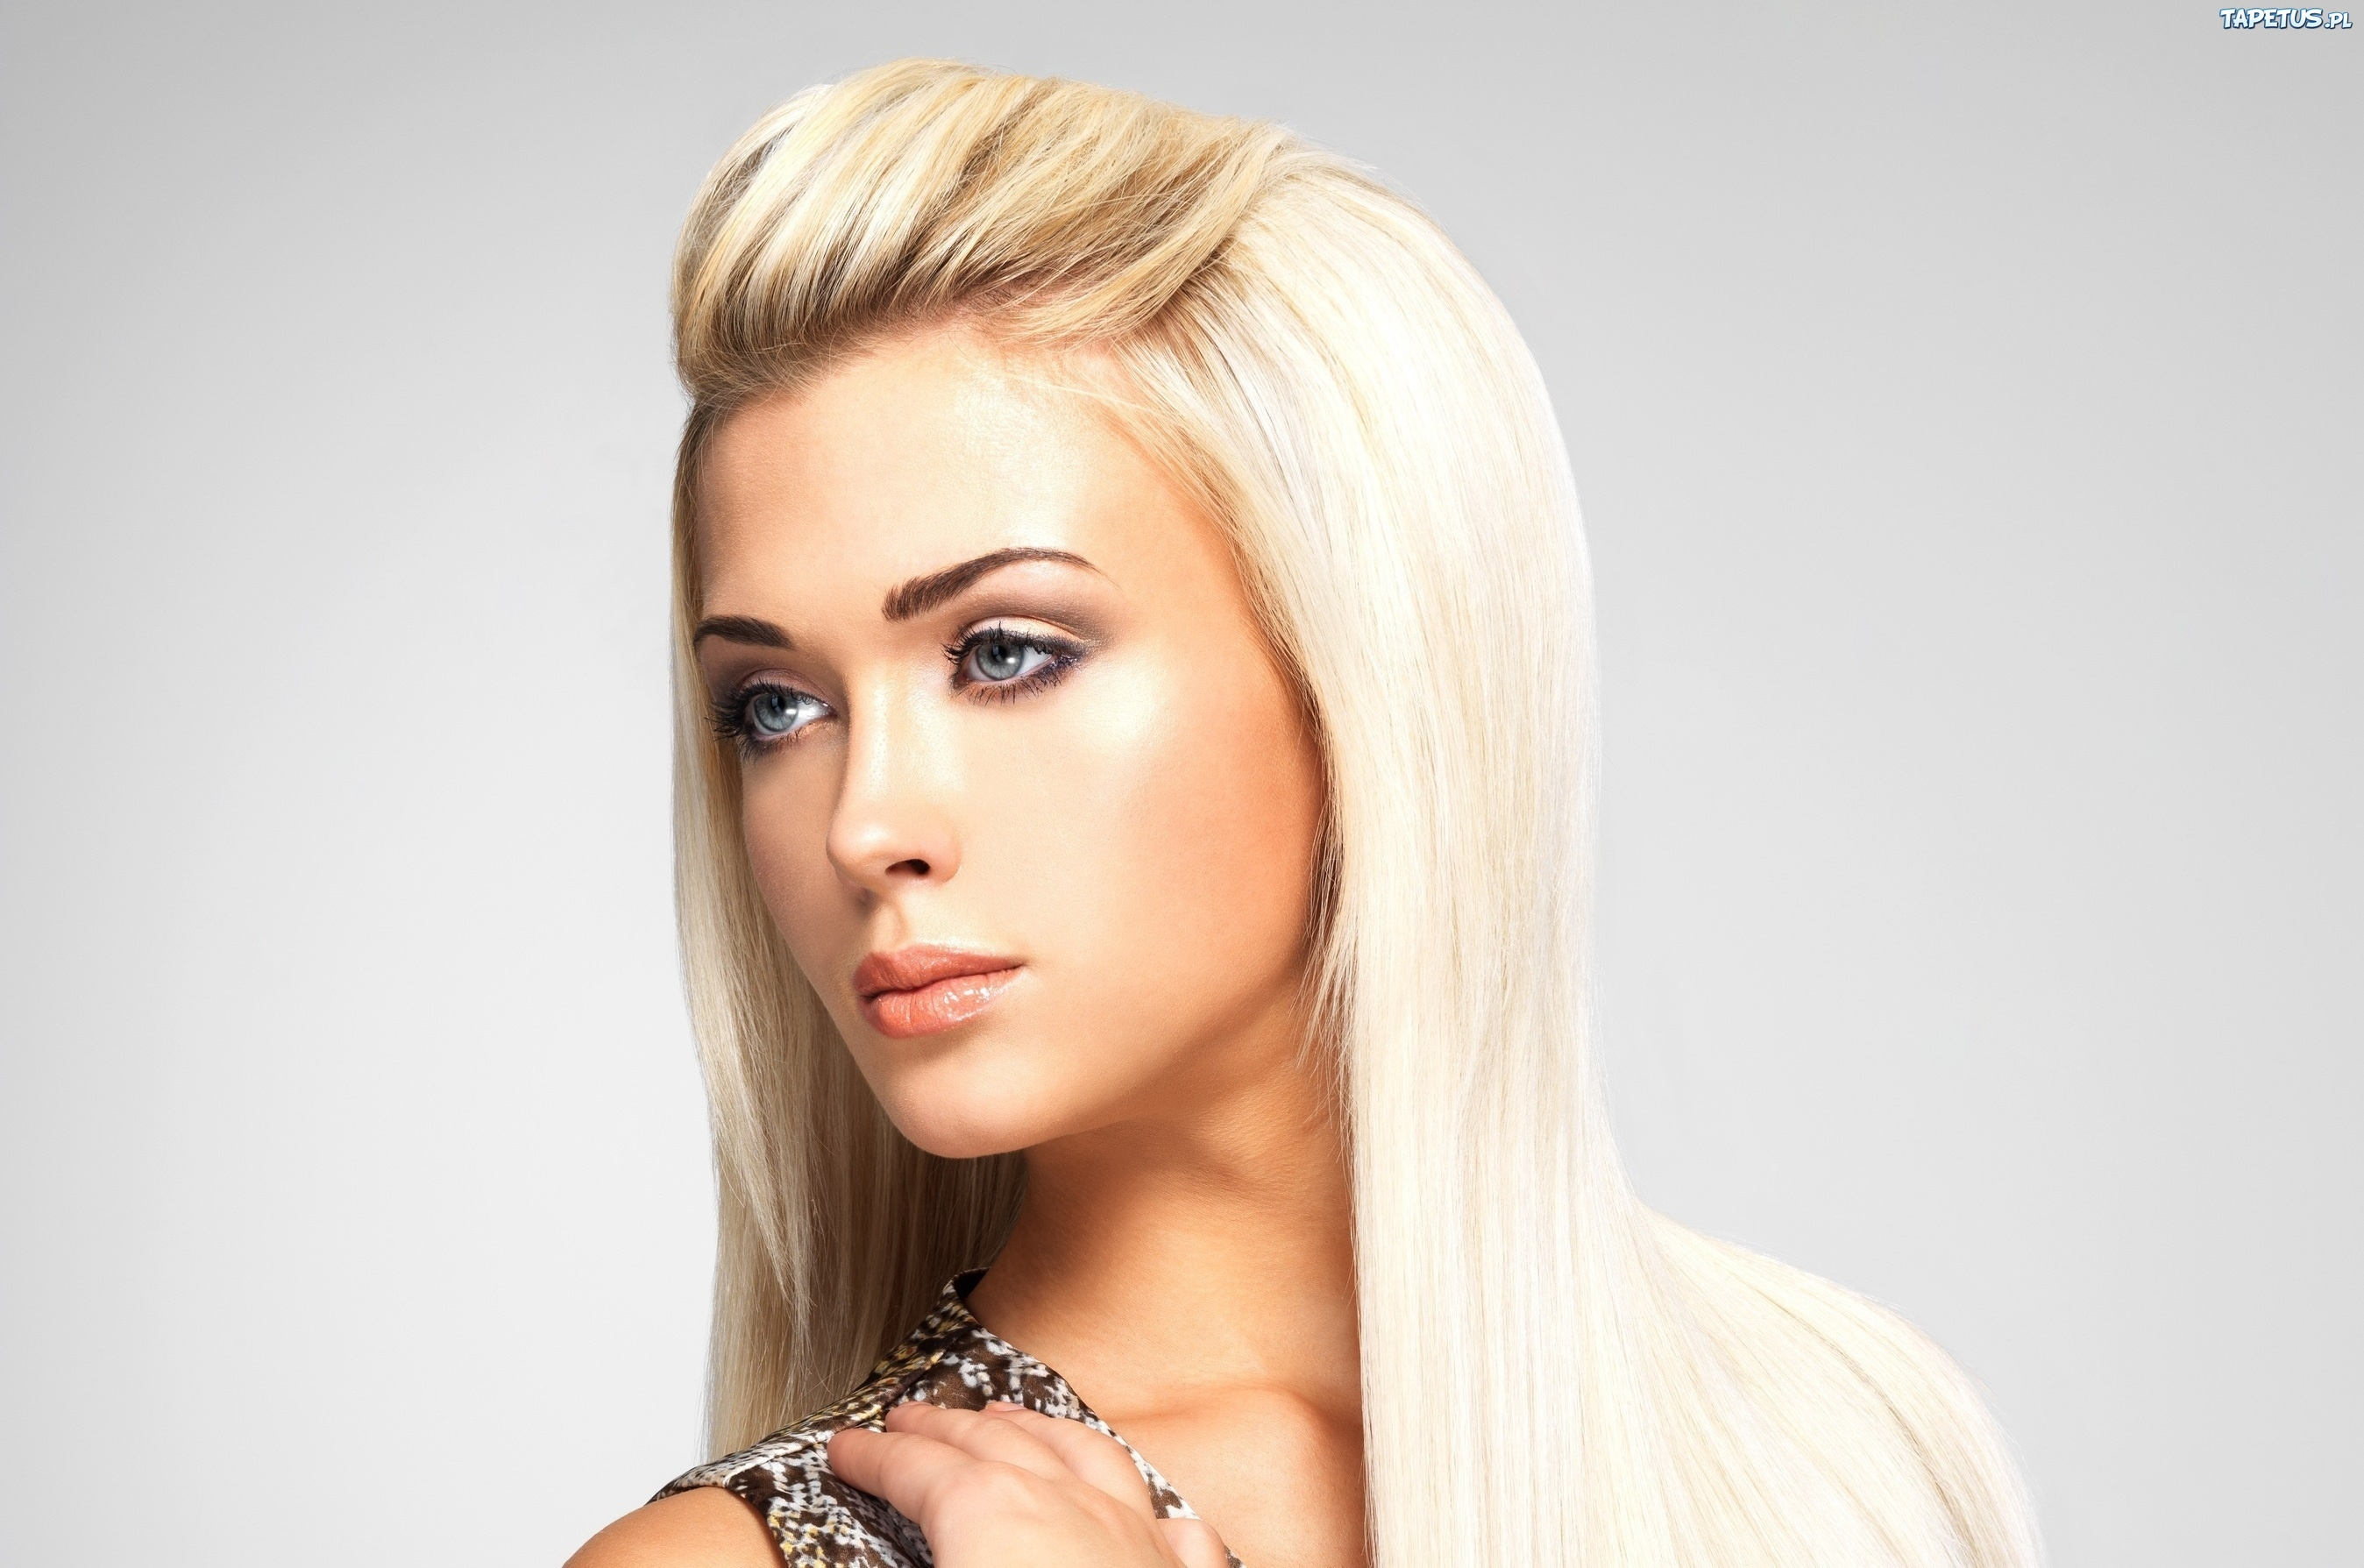 Фото длинных волос или причесок блондинок